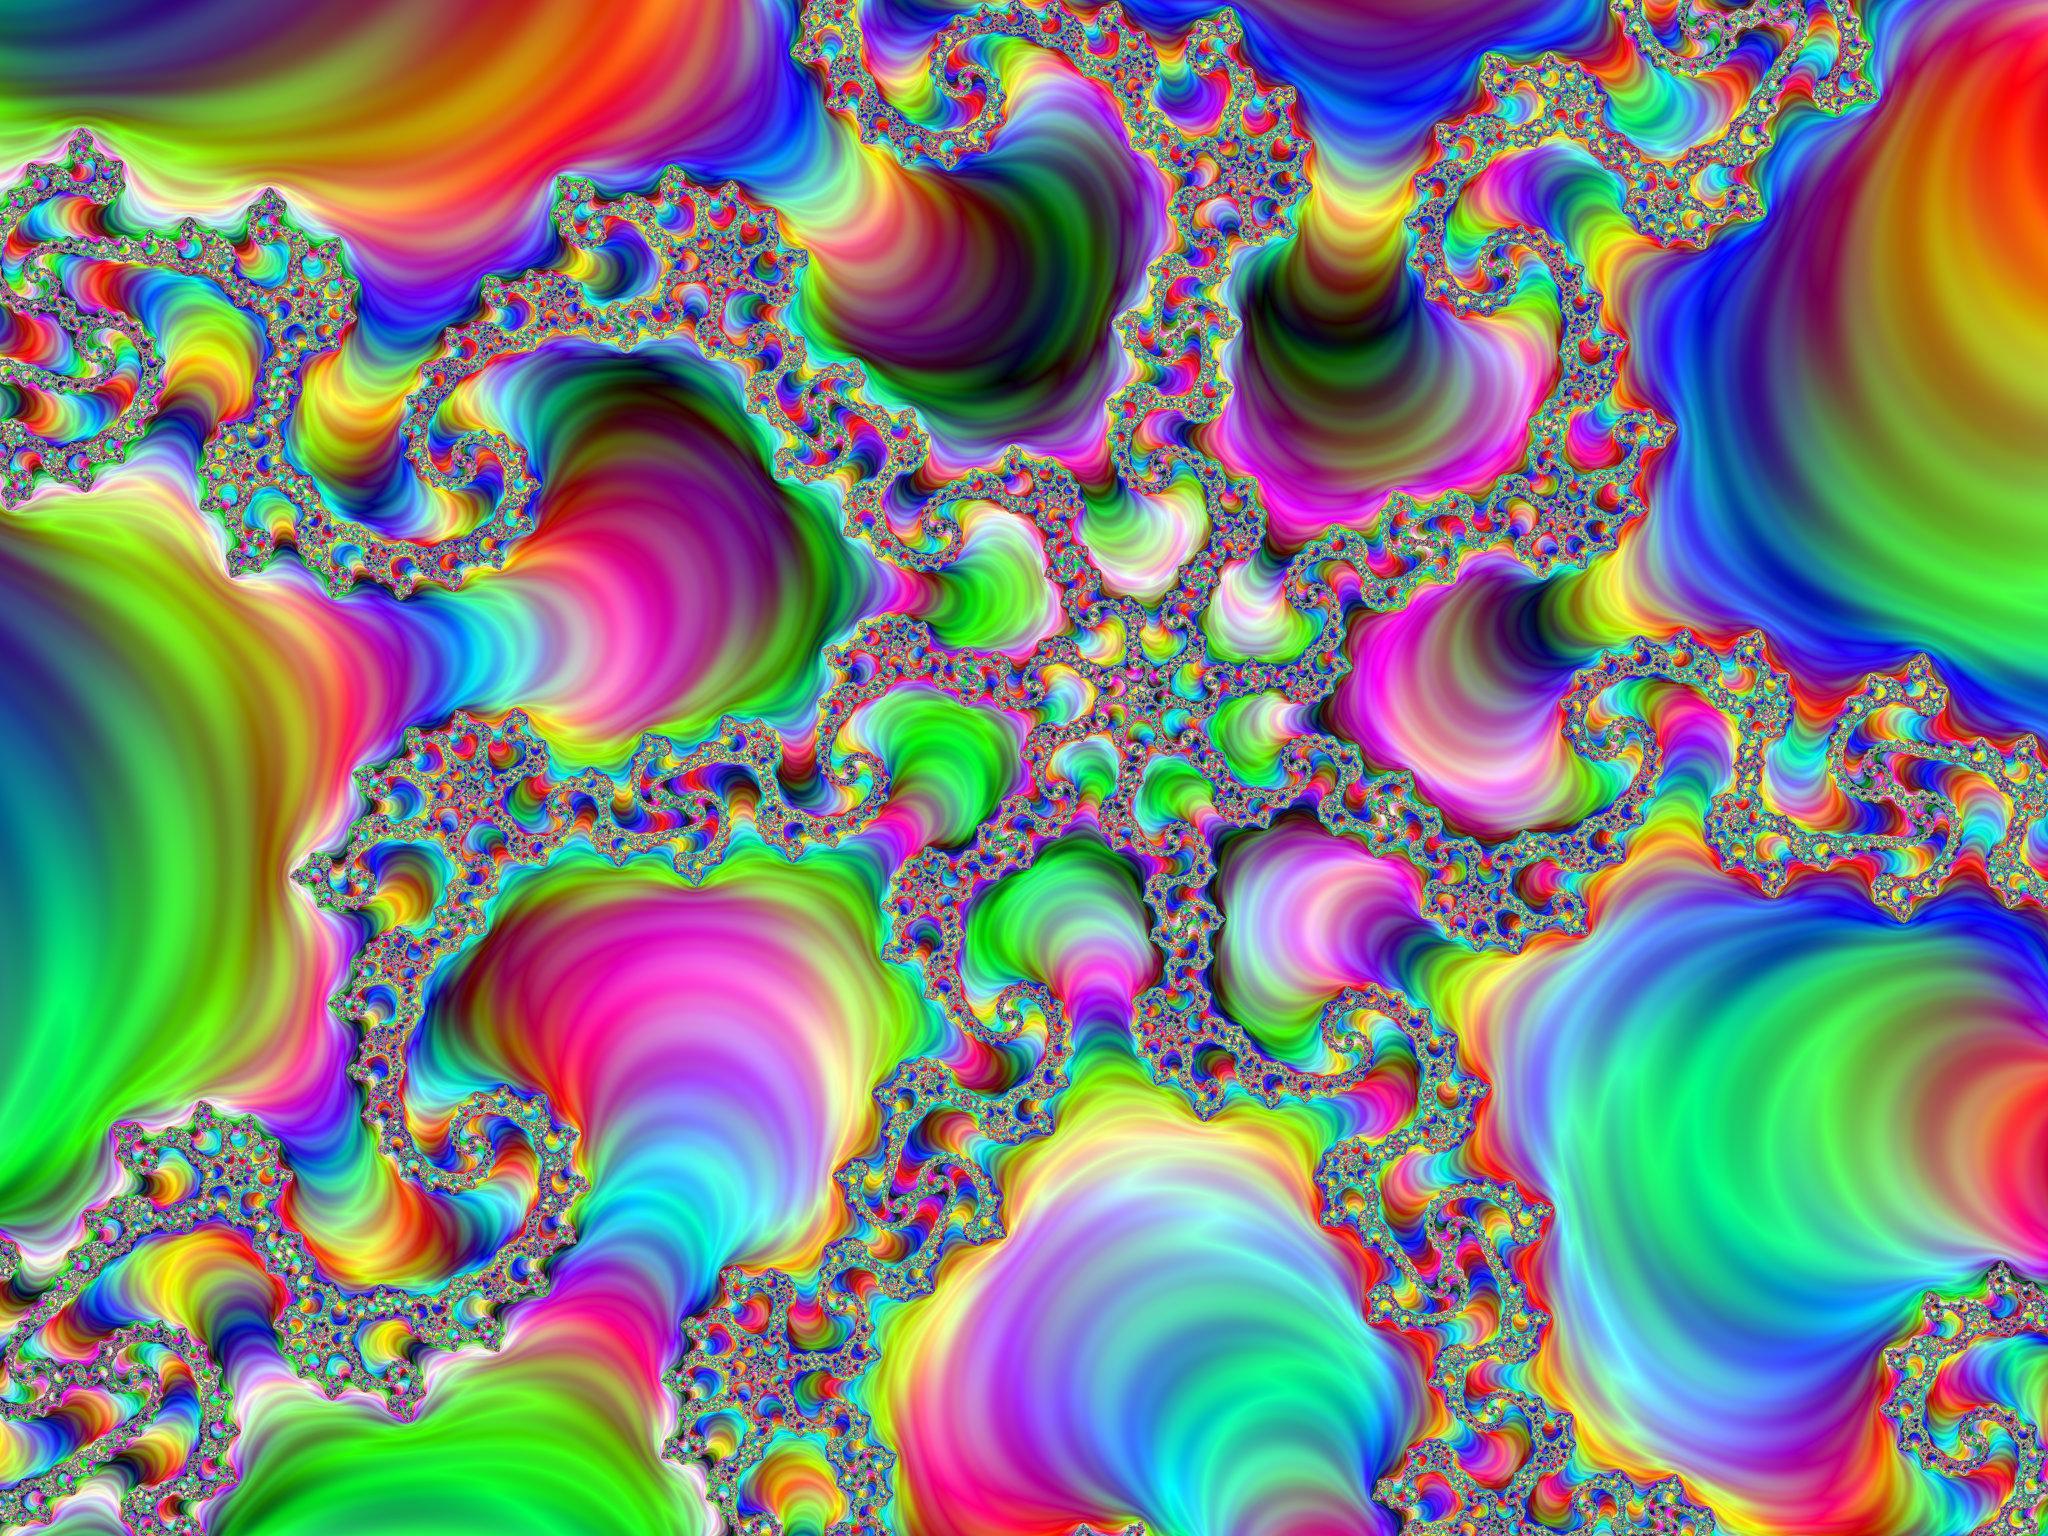 яркие кислотные картинки есть вприкуску ягодным